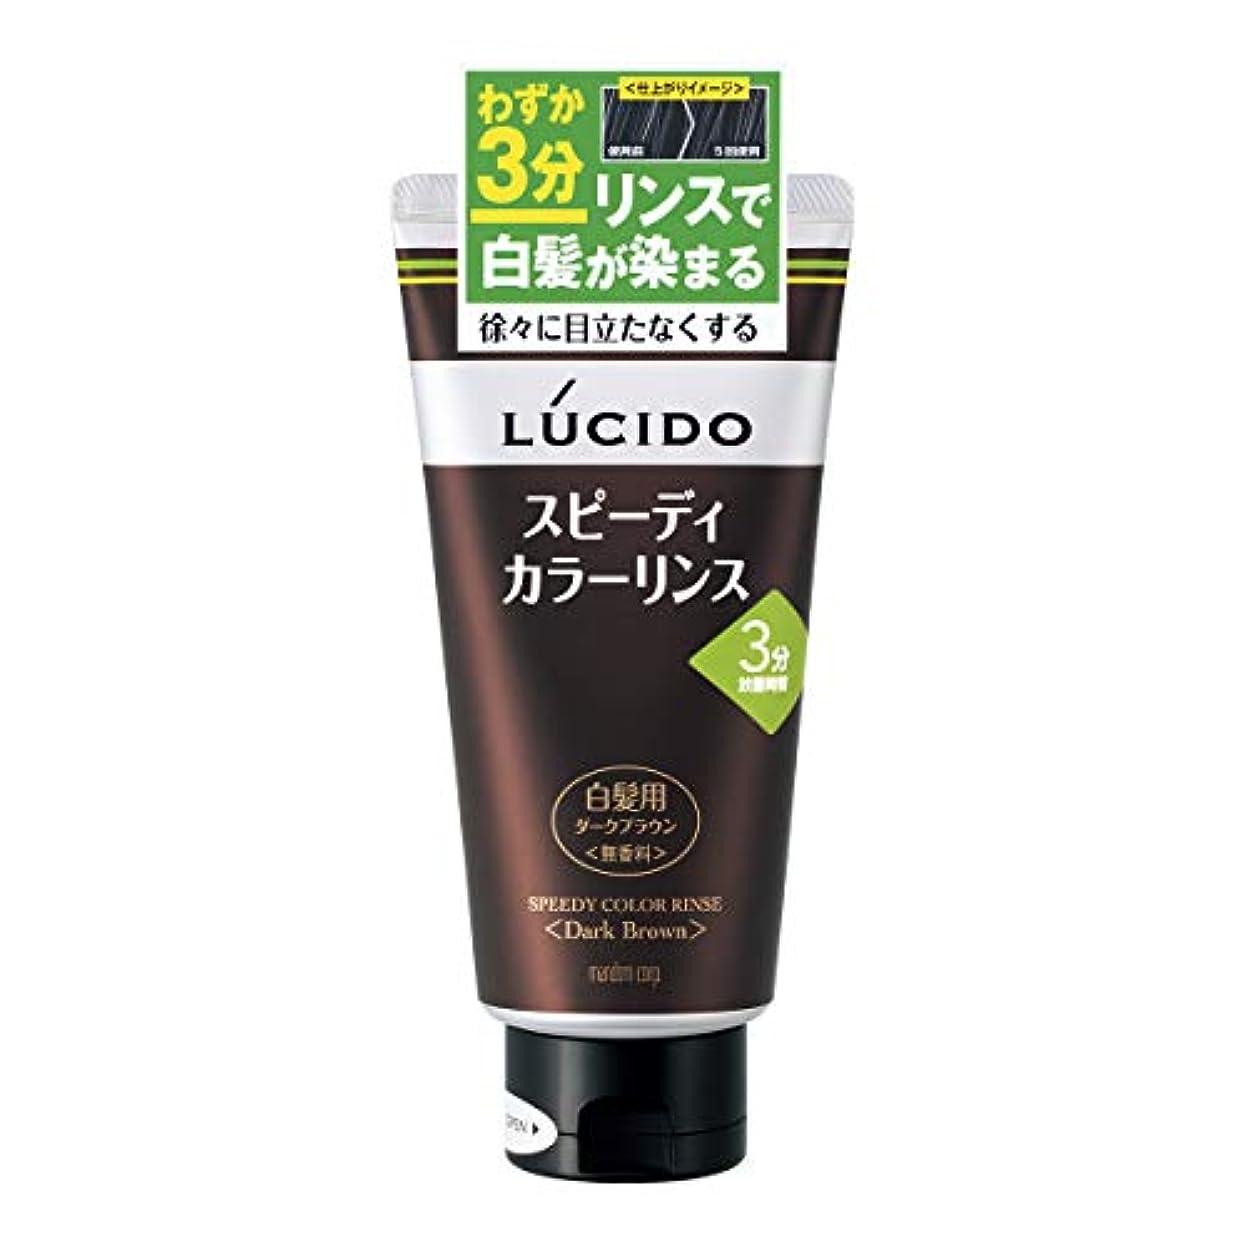 買う綺麗なラックLUCIDO(ルシード) スピーディカラーリンス ダークブラウン 160g リンスで簡単白髪染め